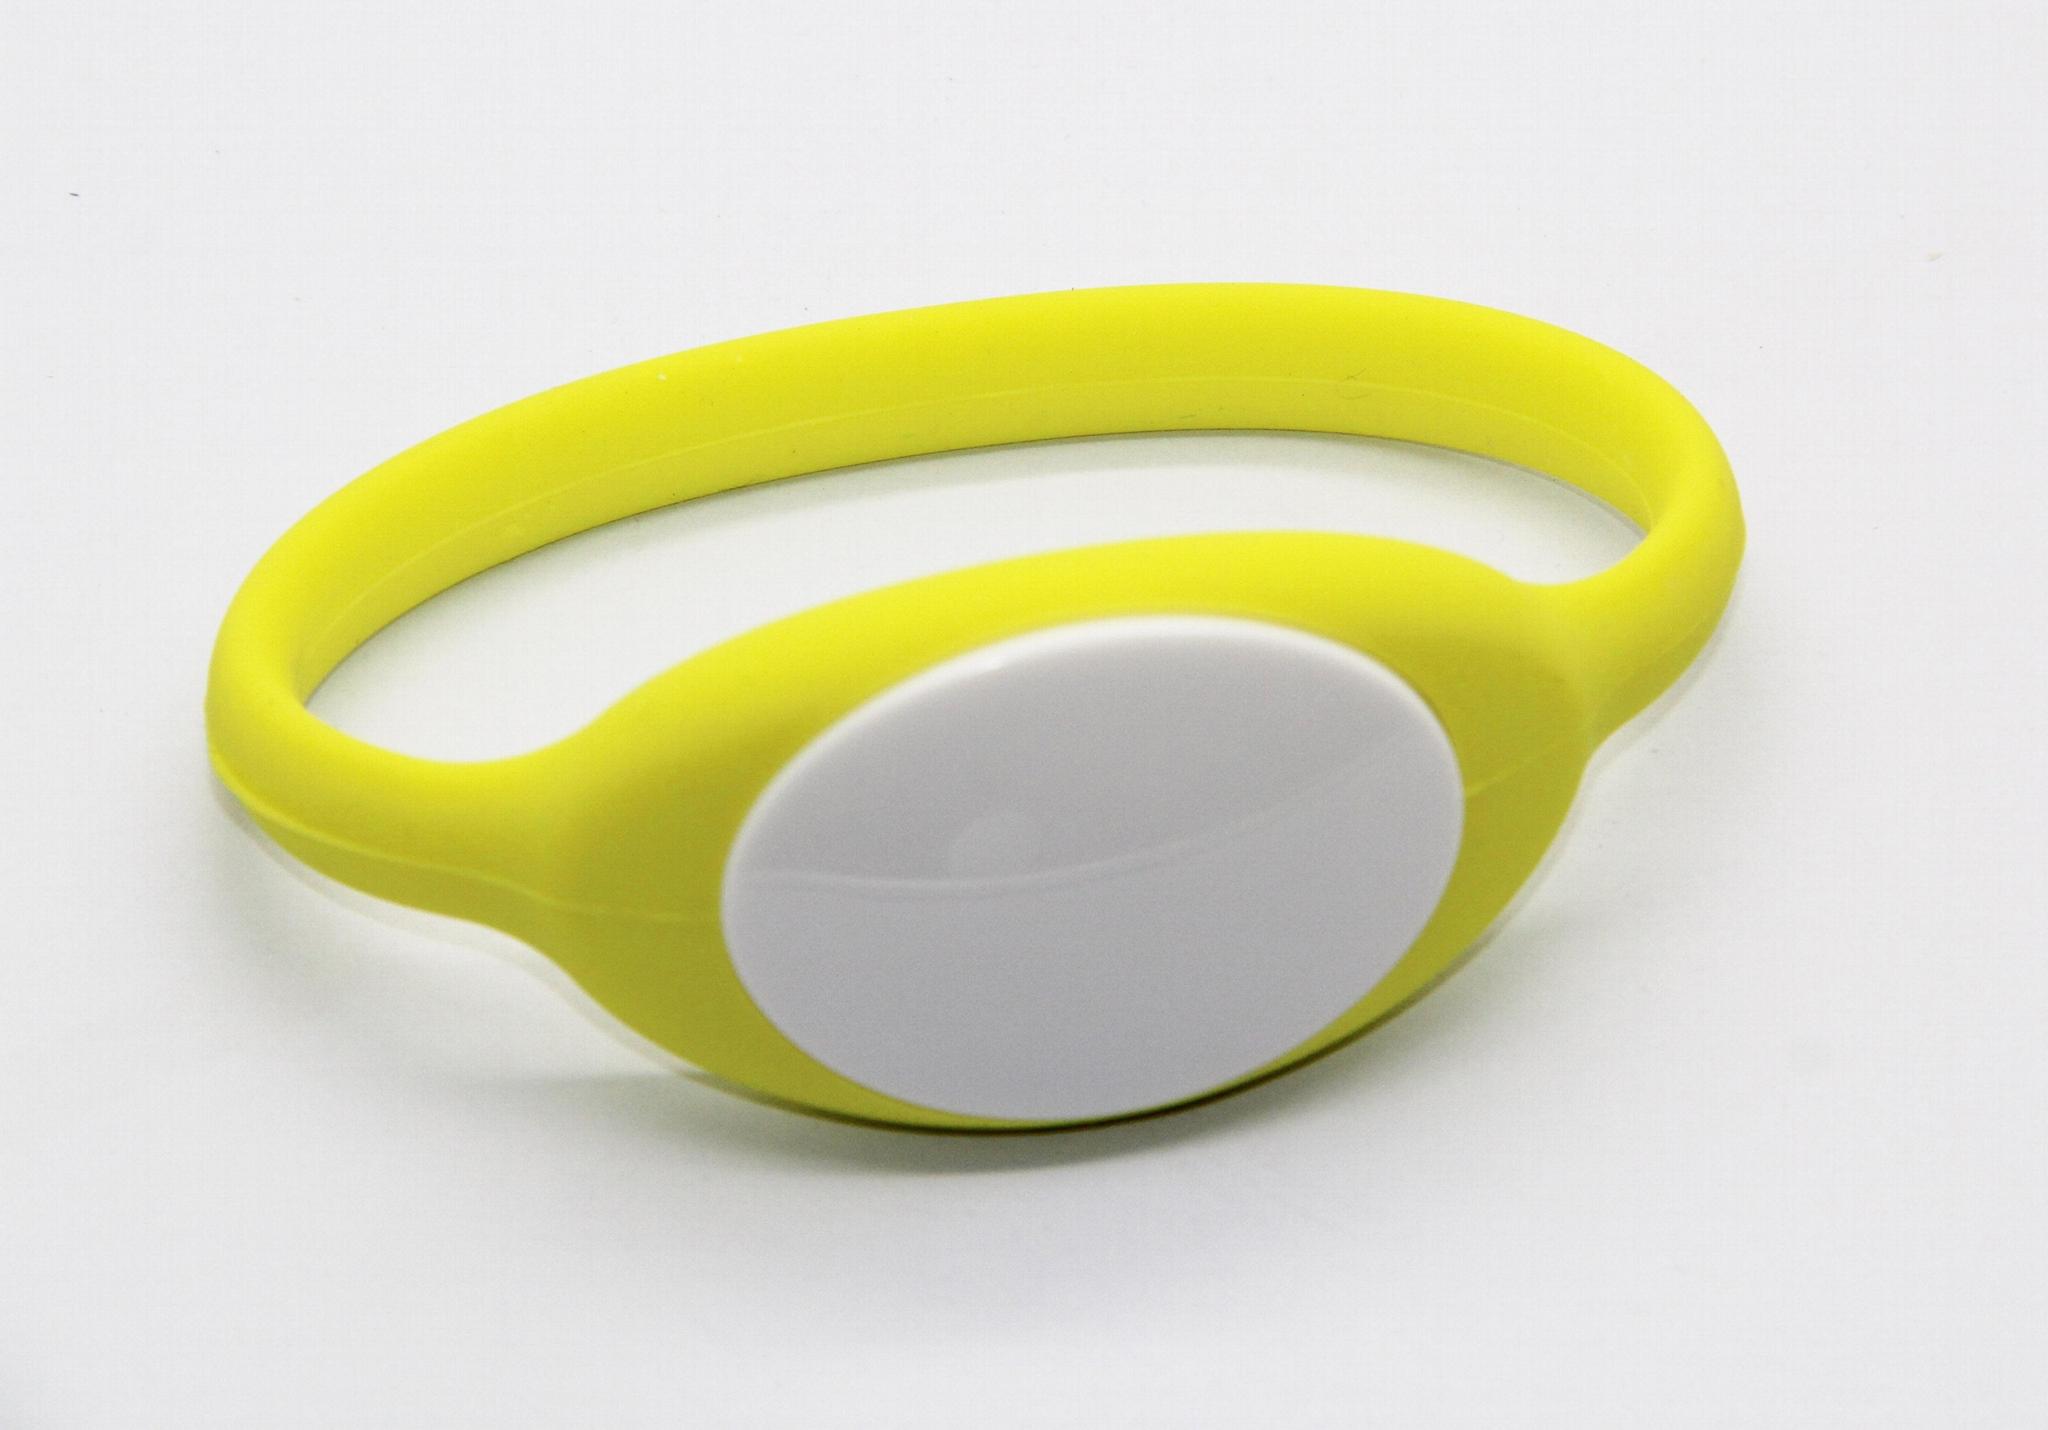 125KHz/13.56MHZ Proximity RFID Bracelets / Silicone Wristband 7